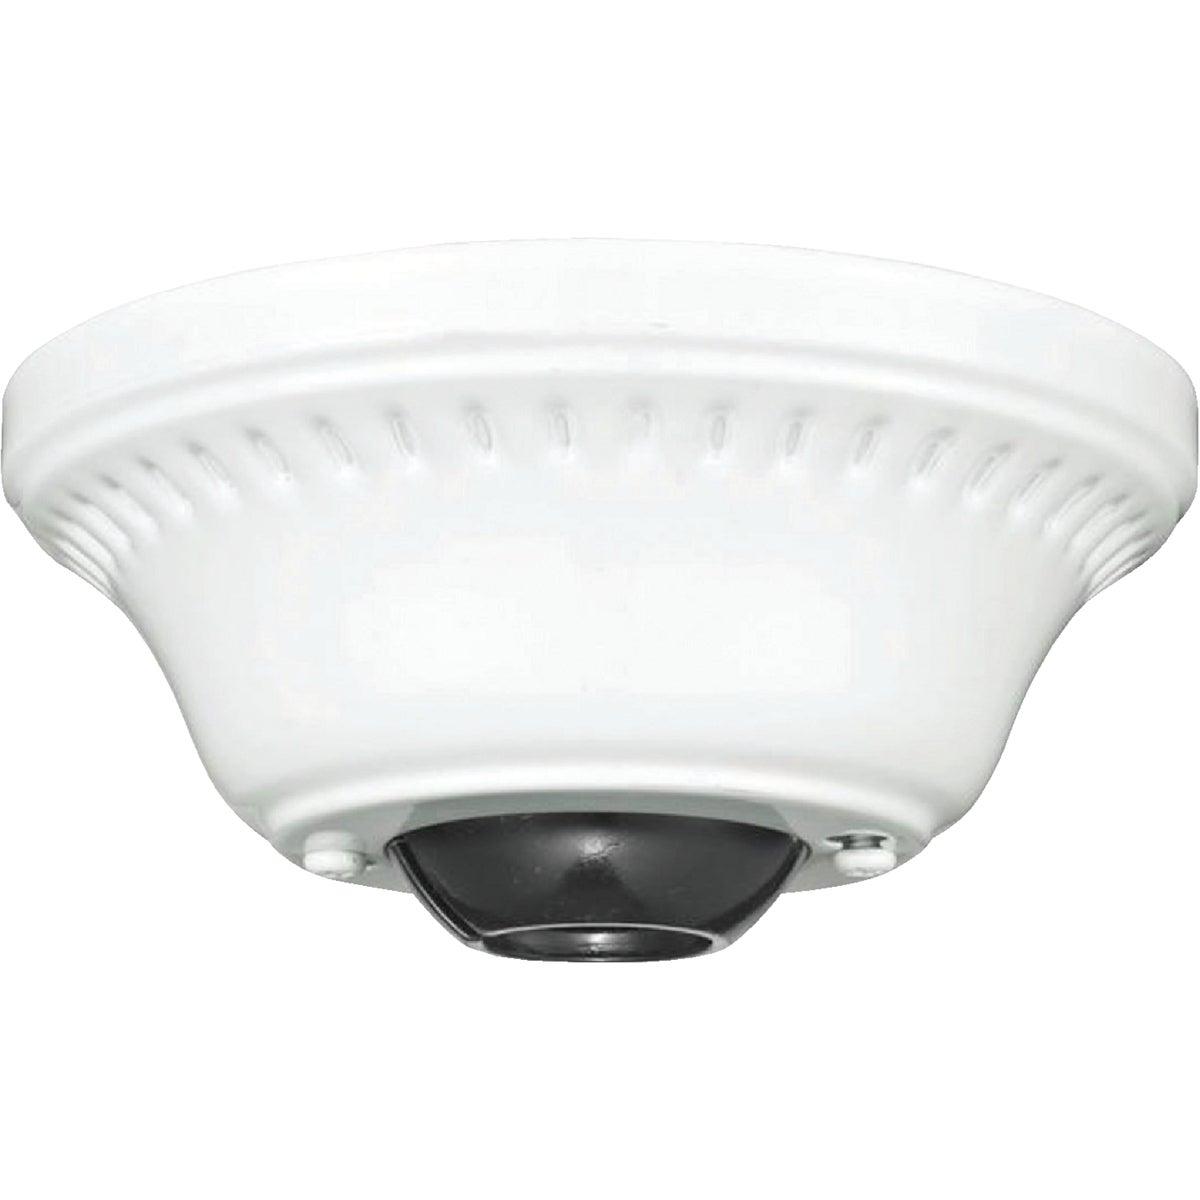 Wht Ceiling Fan Canopy